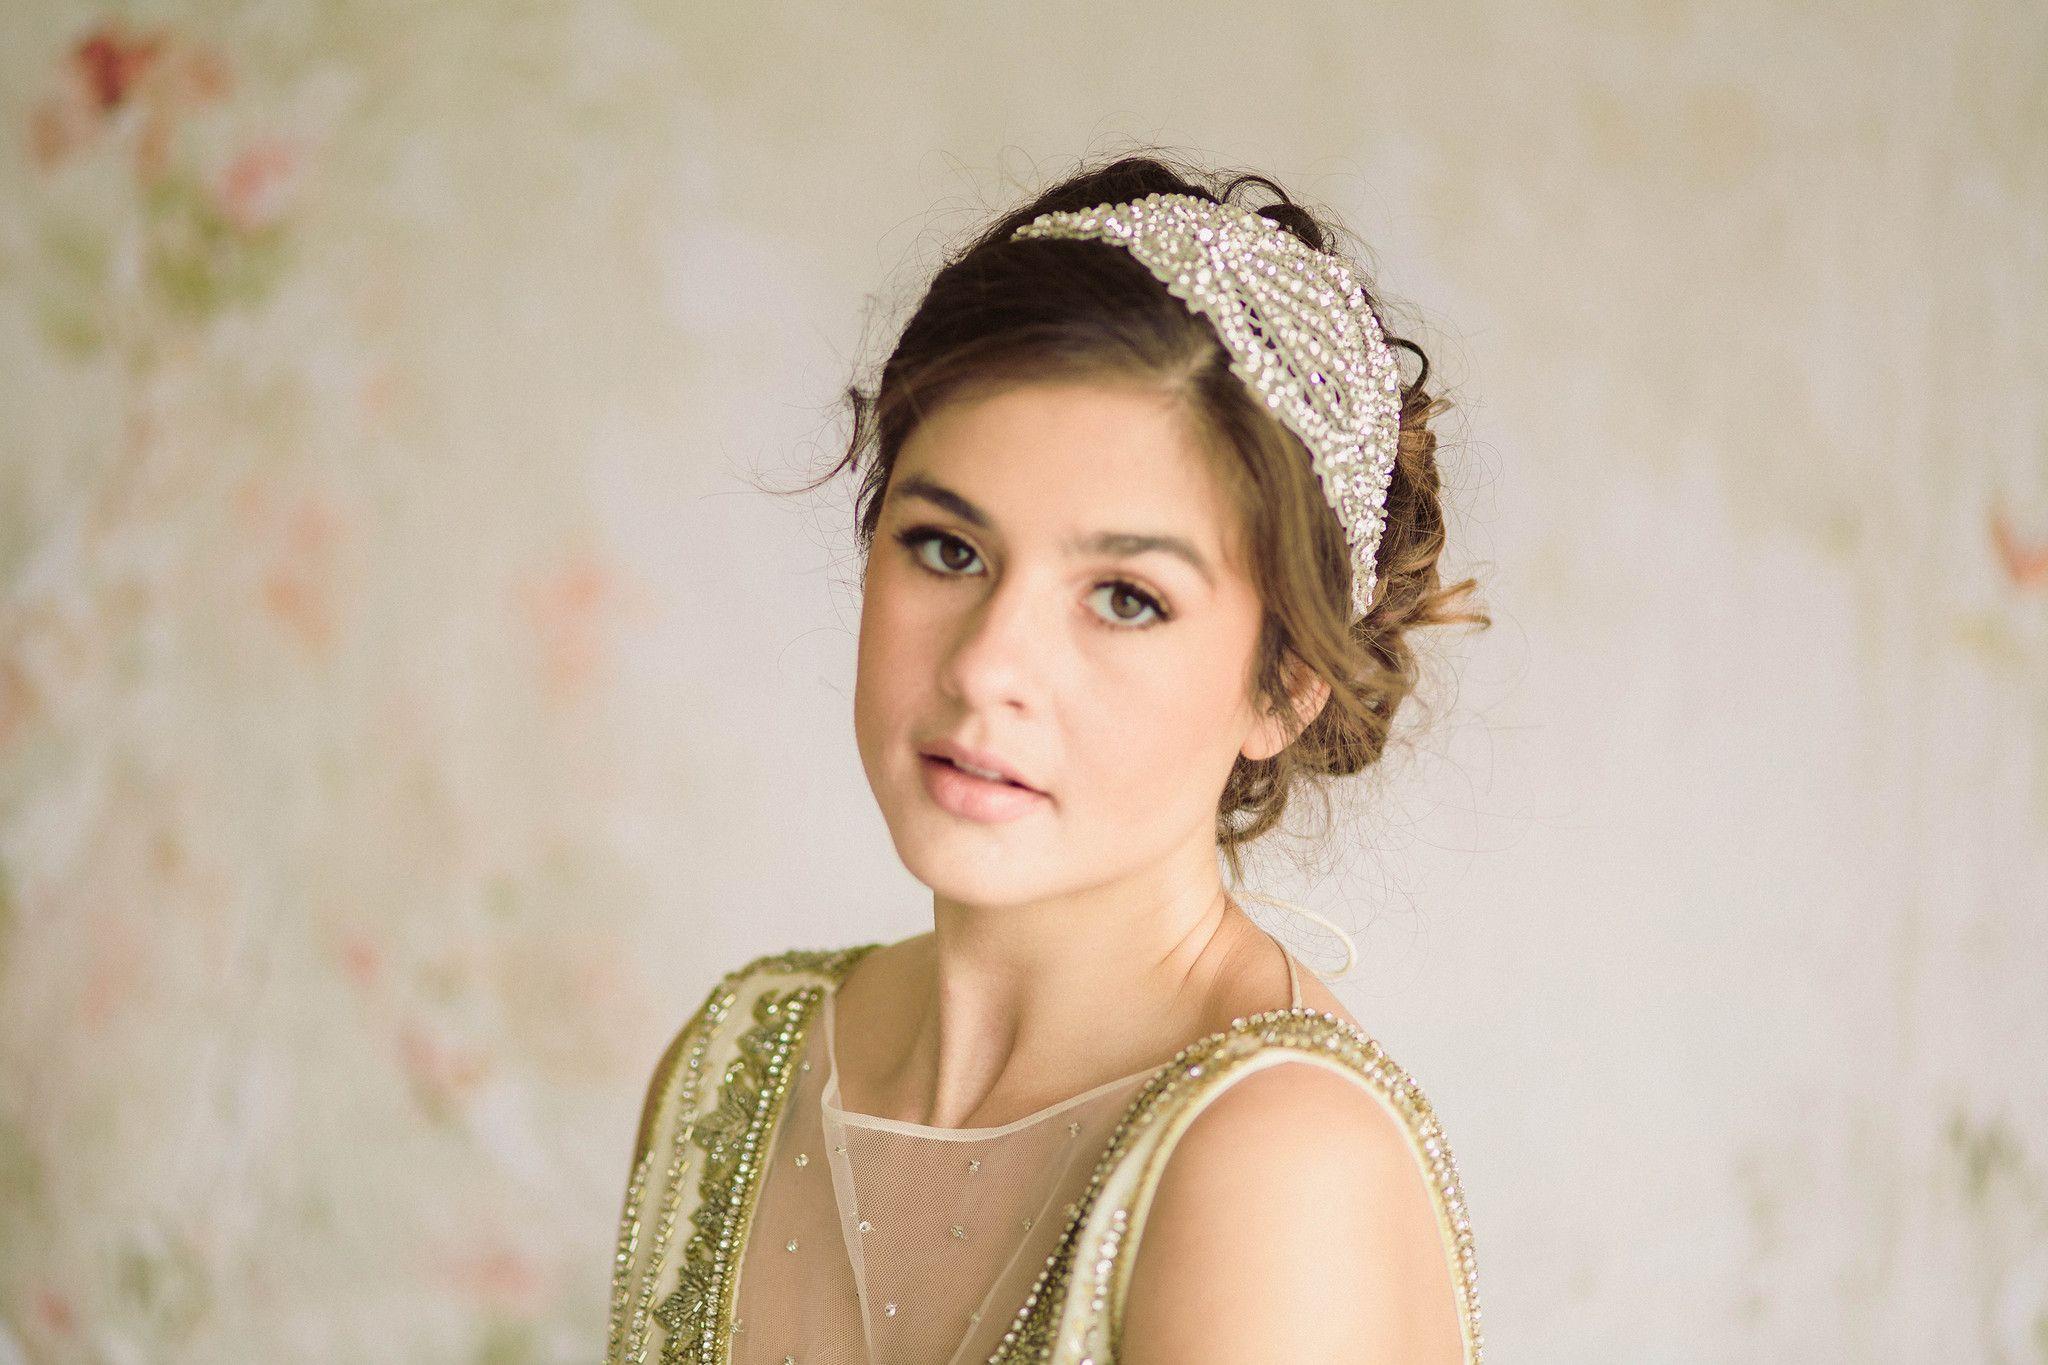 artdeco inspired bridal headpiece sergia from millieicaro